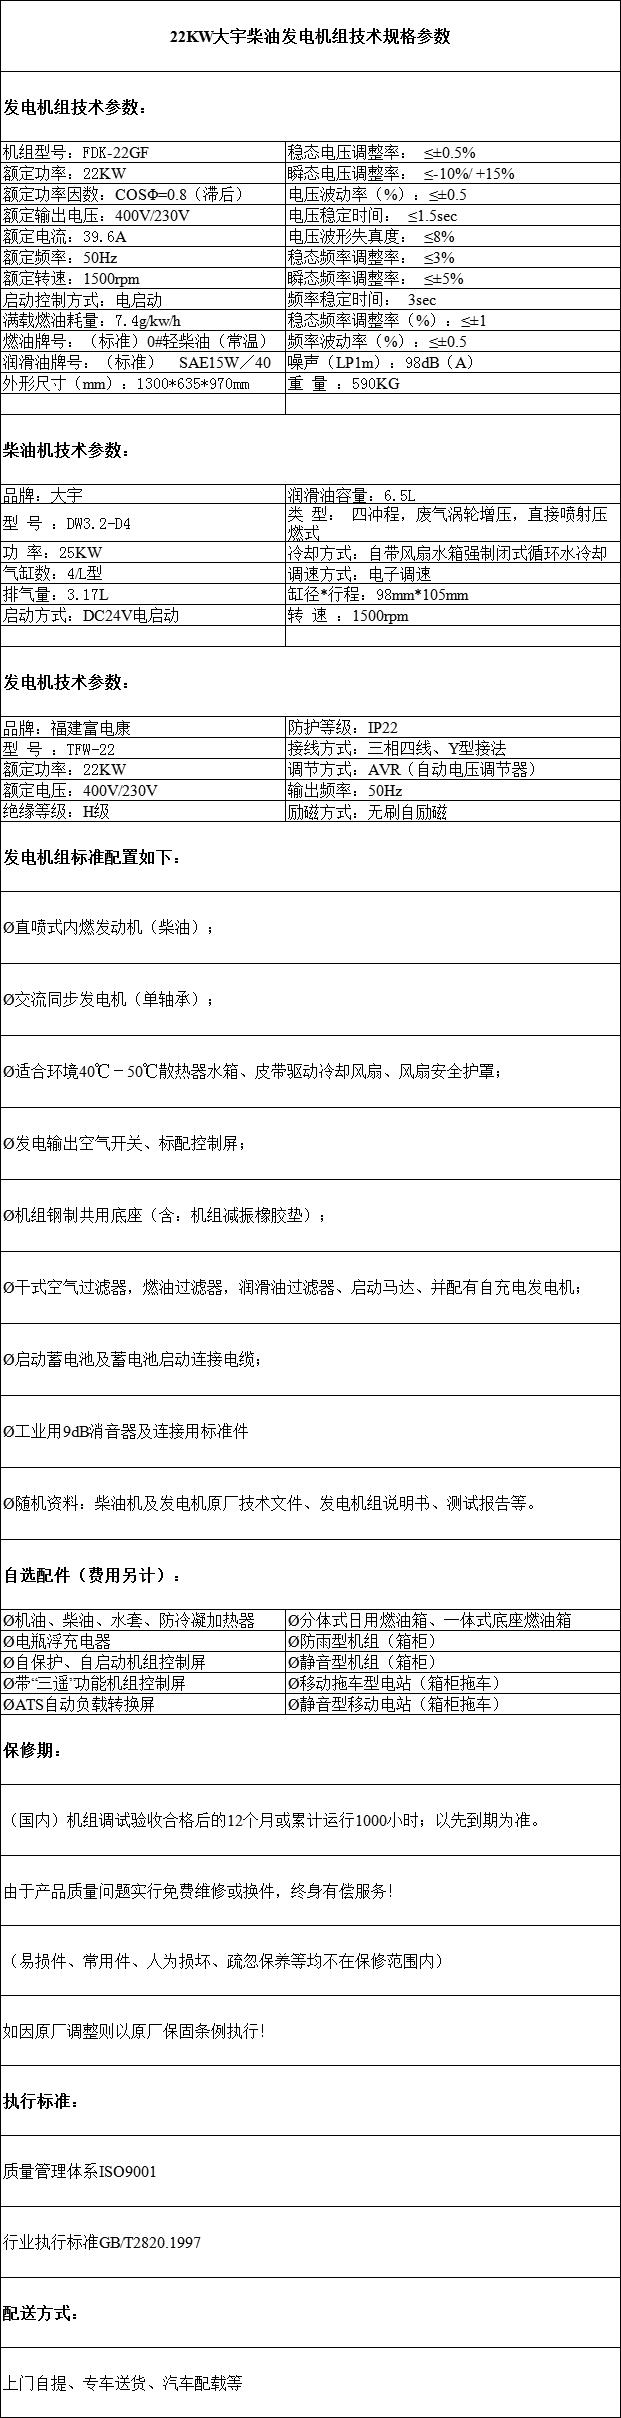 22KW大宇柴油发电机组